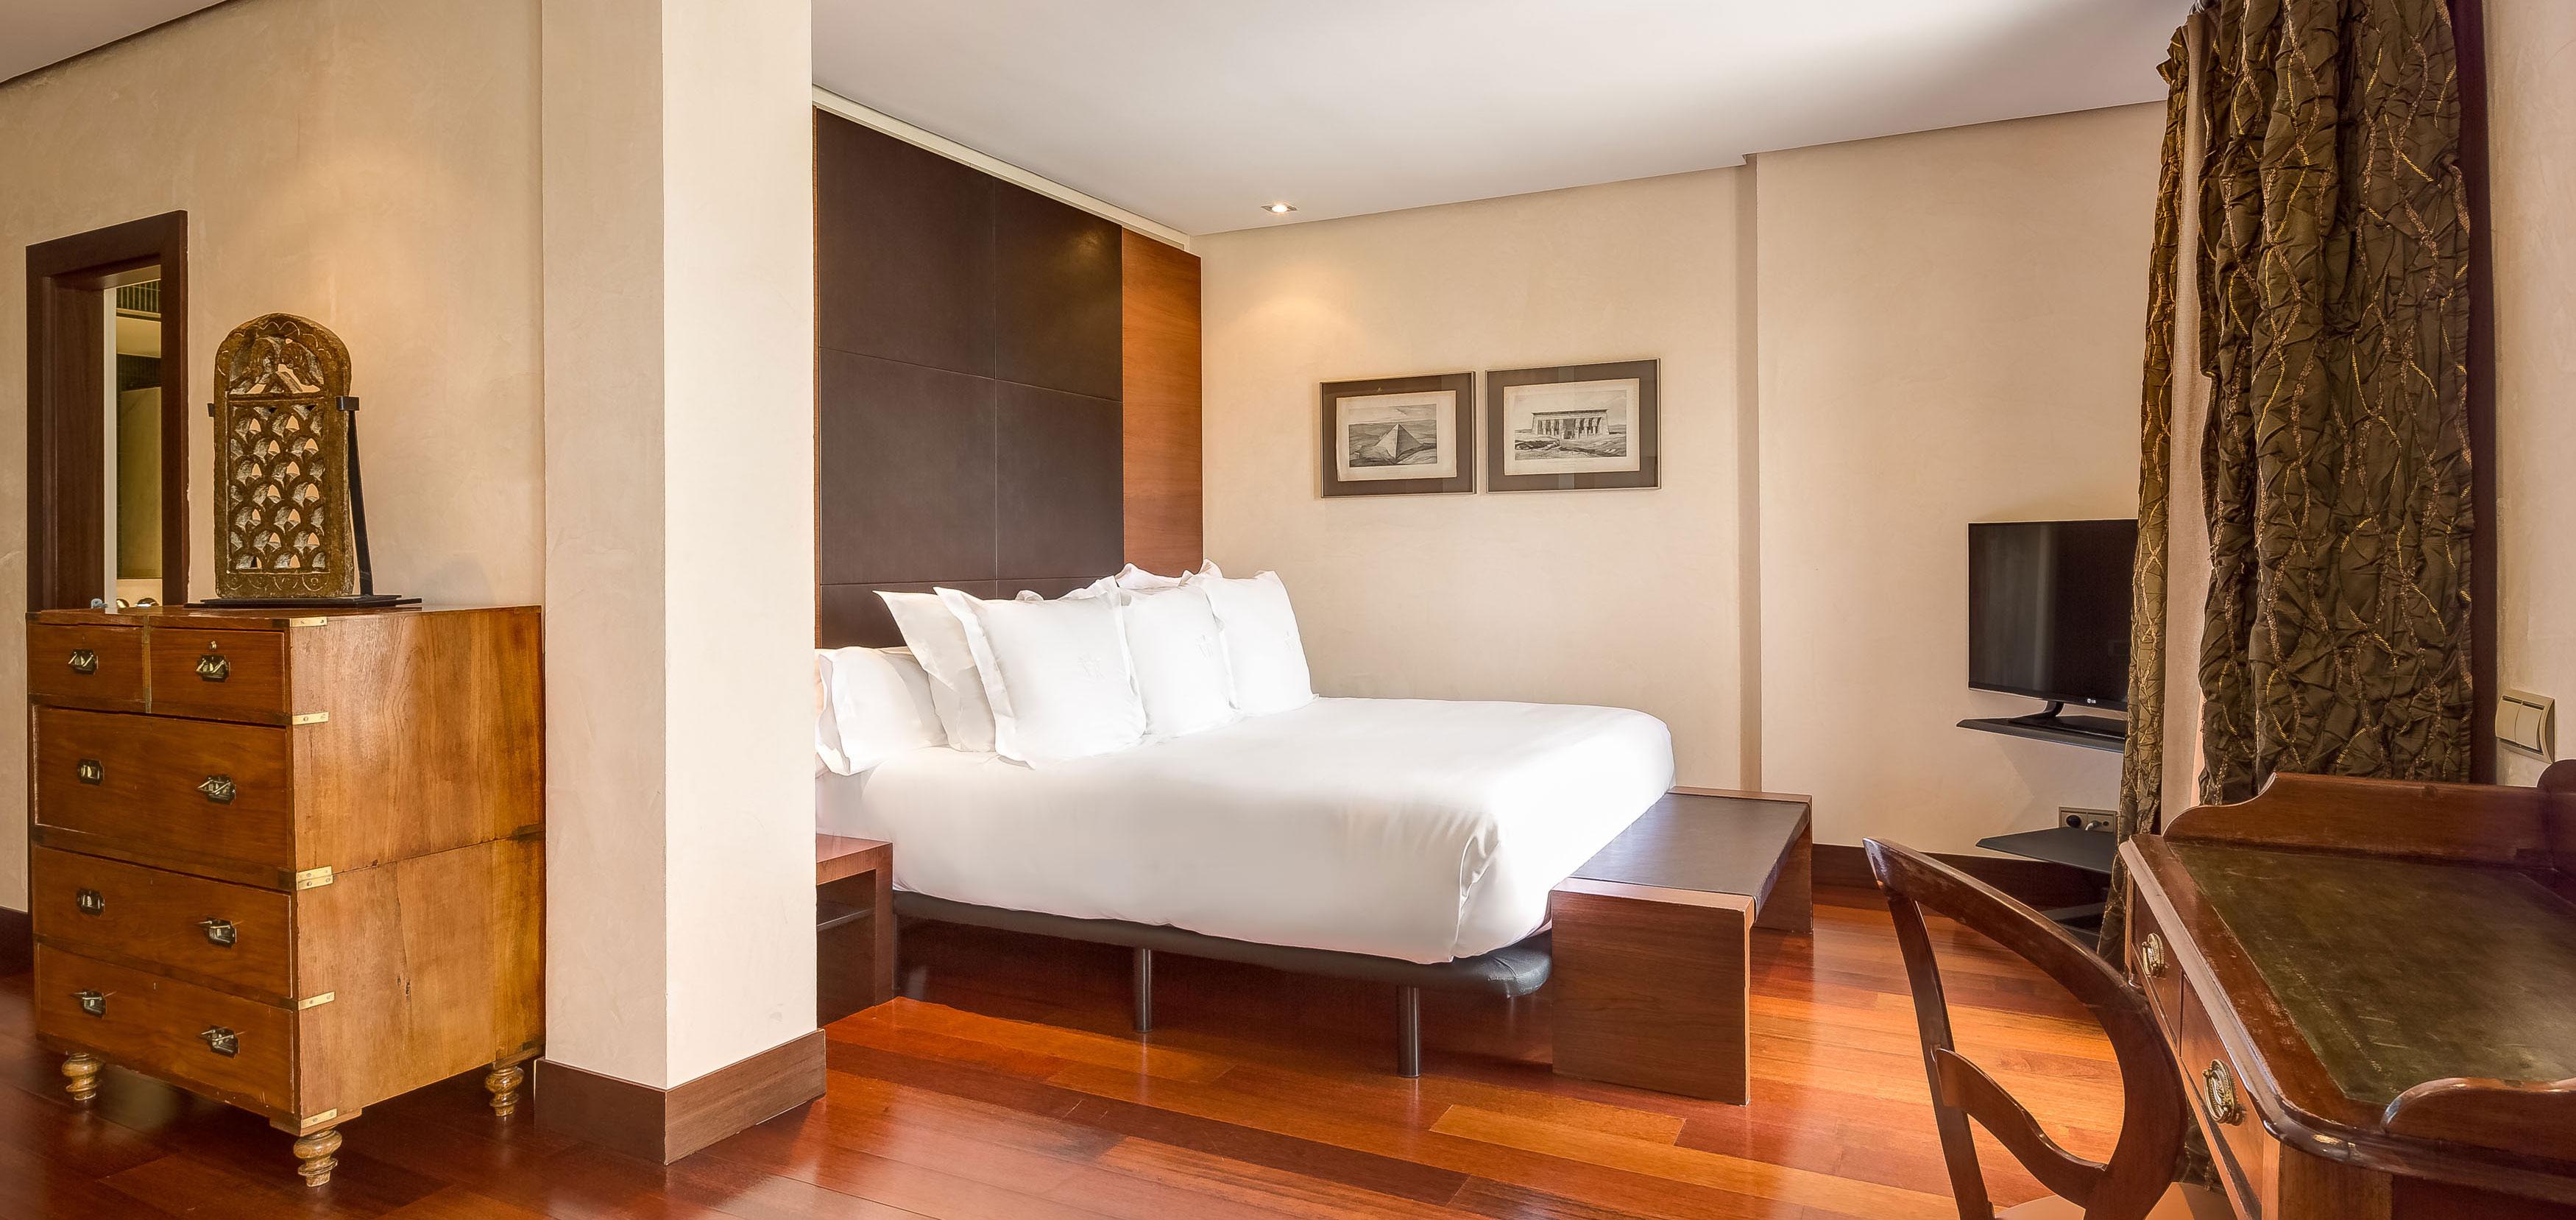 HotelVillaRealHeader